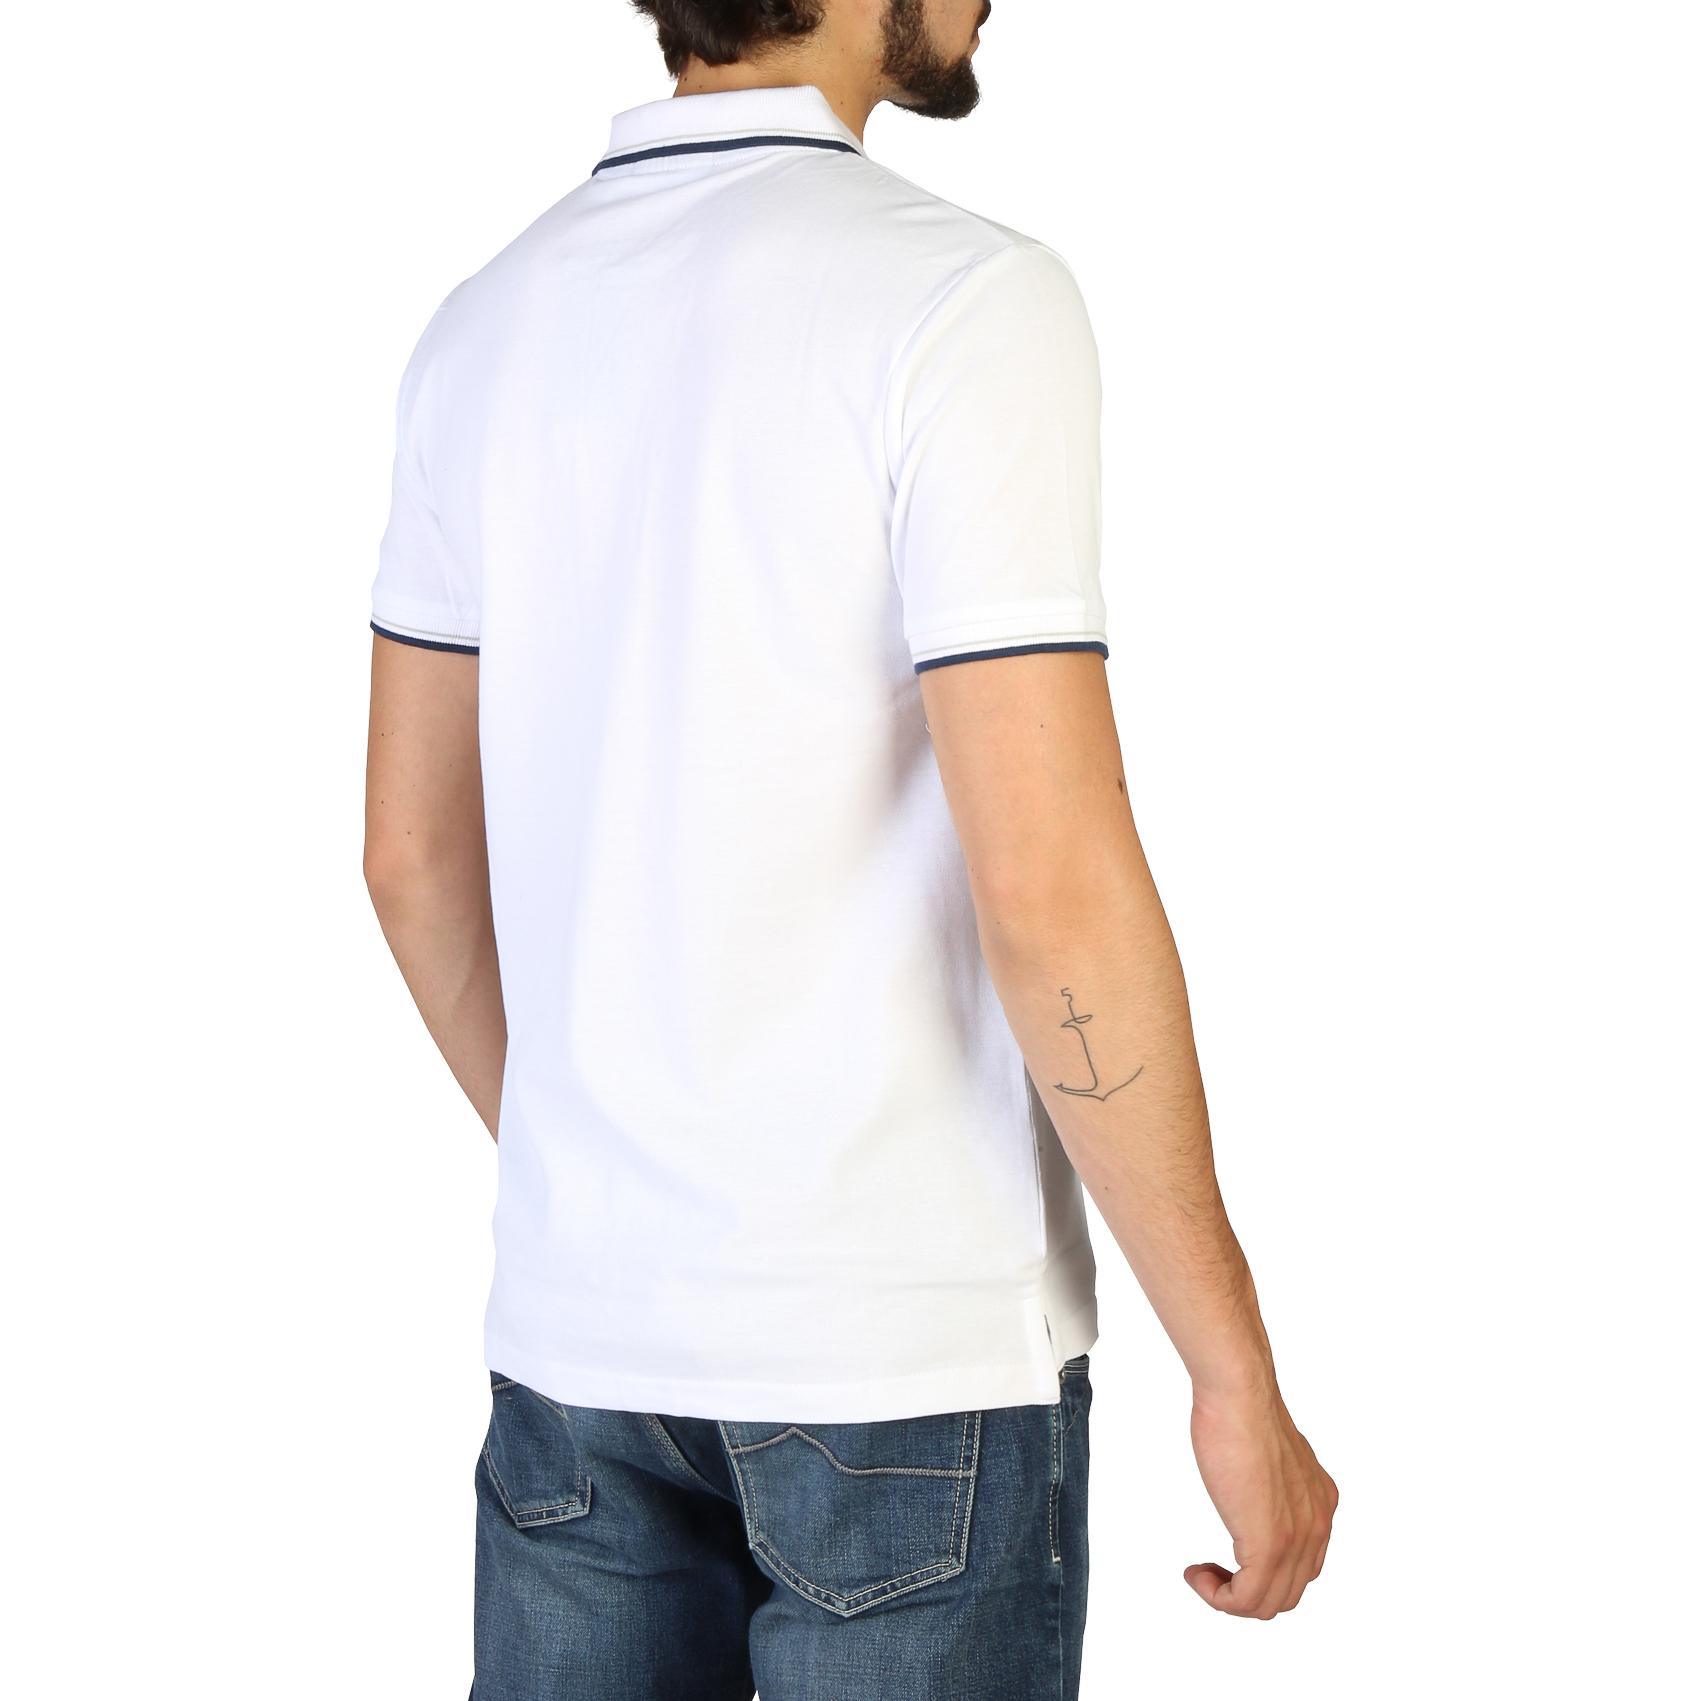 Polo-Trussardi-Hombre-2AT01-Marron-Negro-Azul-Blanco-Rojo-Primavera-Verano